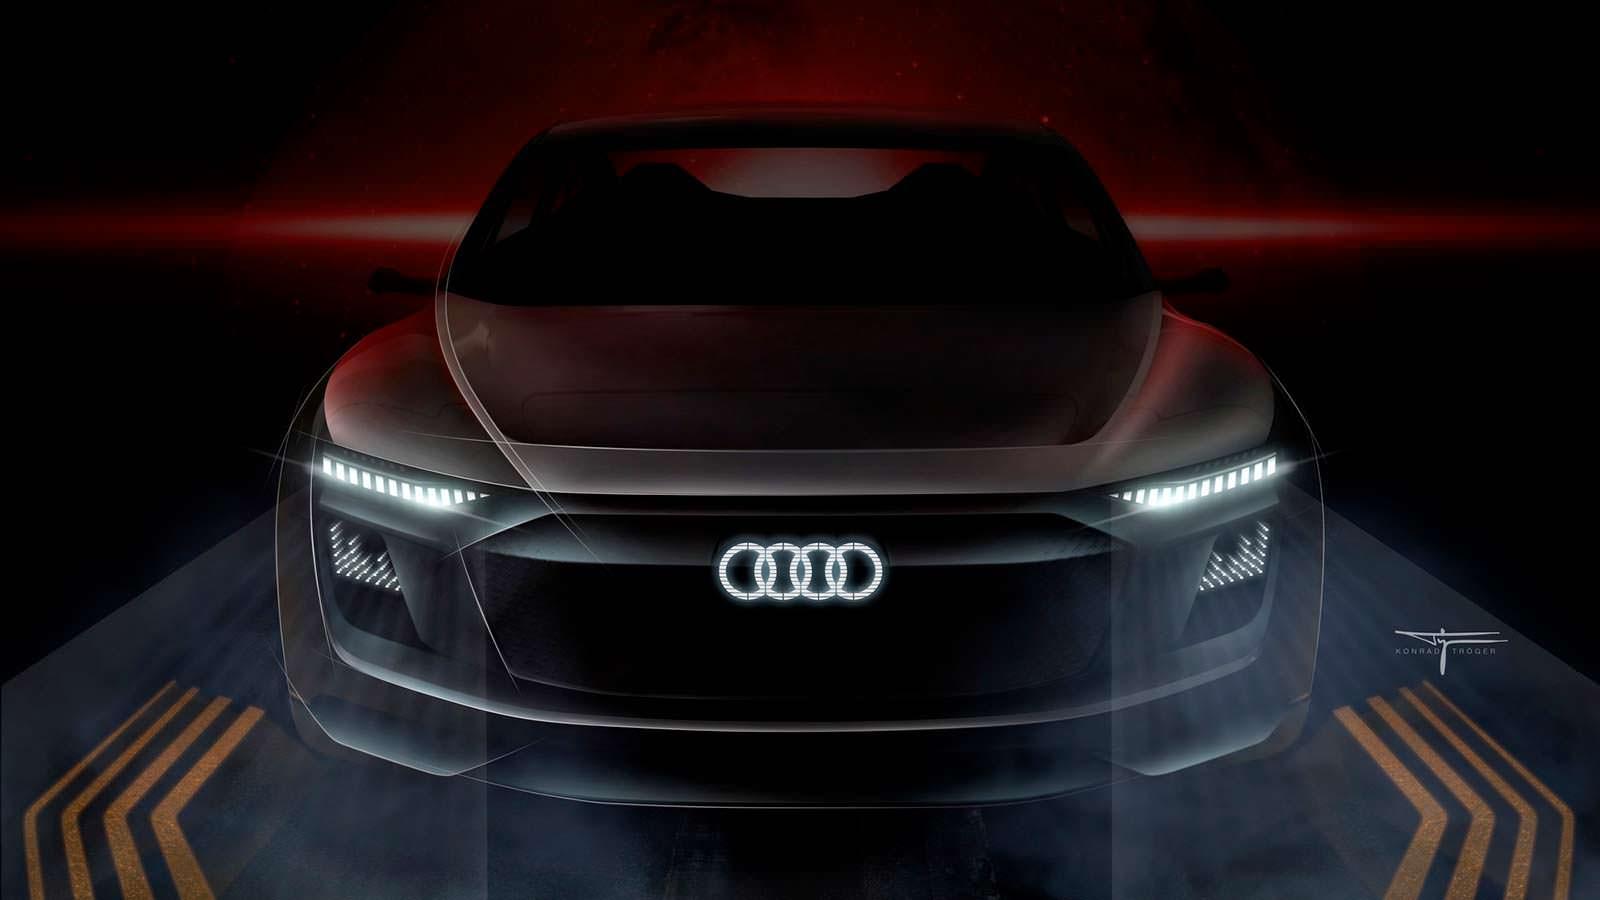 Логотип Audi со светодиодной подсветкой